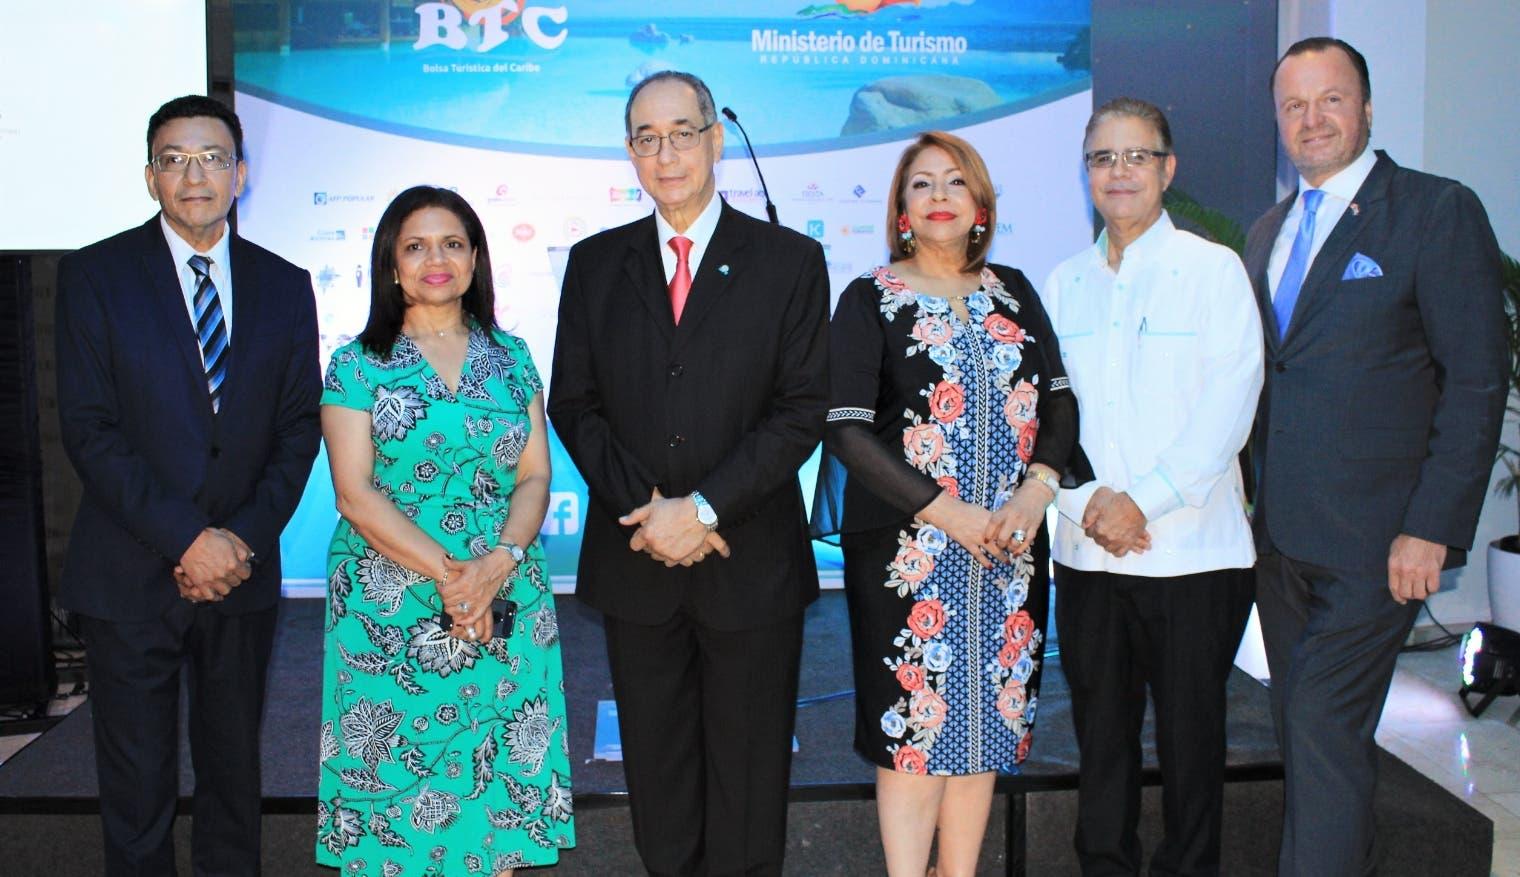 Óscar Chávez, Kirsis de los Santos, Luis Felipe Aquino, Luisa de Aquino, Luis José Chávez y Gustavo de Hostos, luego de la presentación de los detalles del evento.